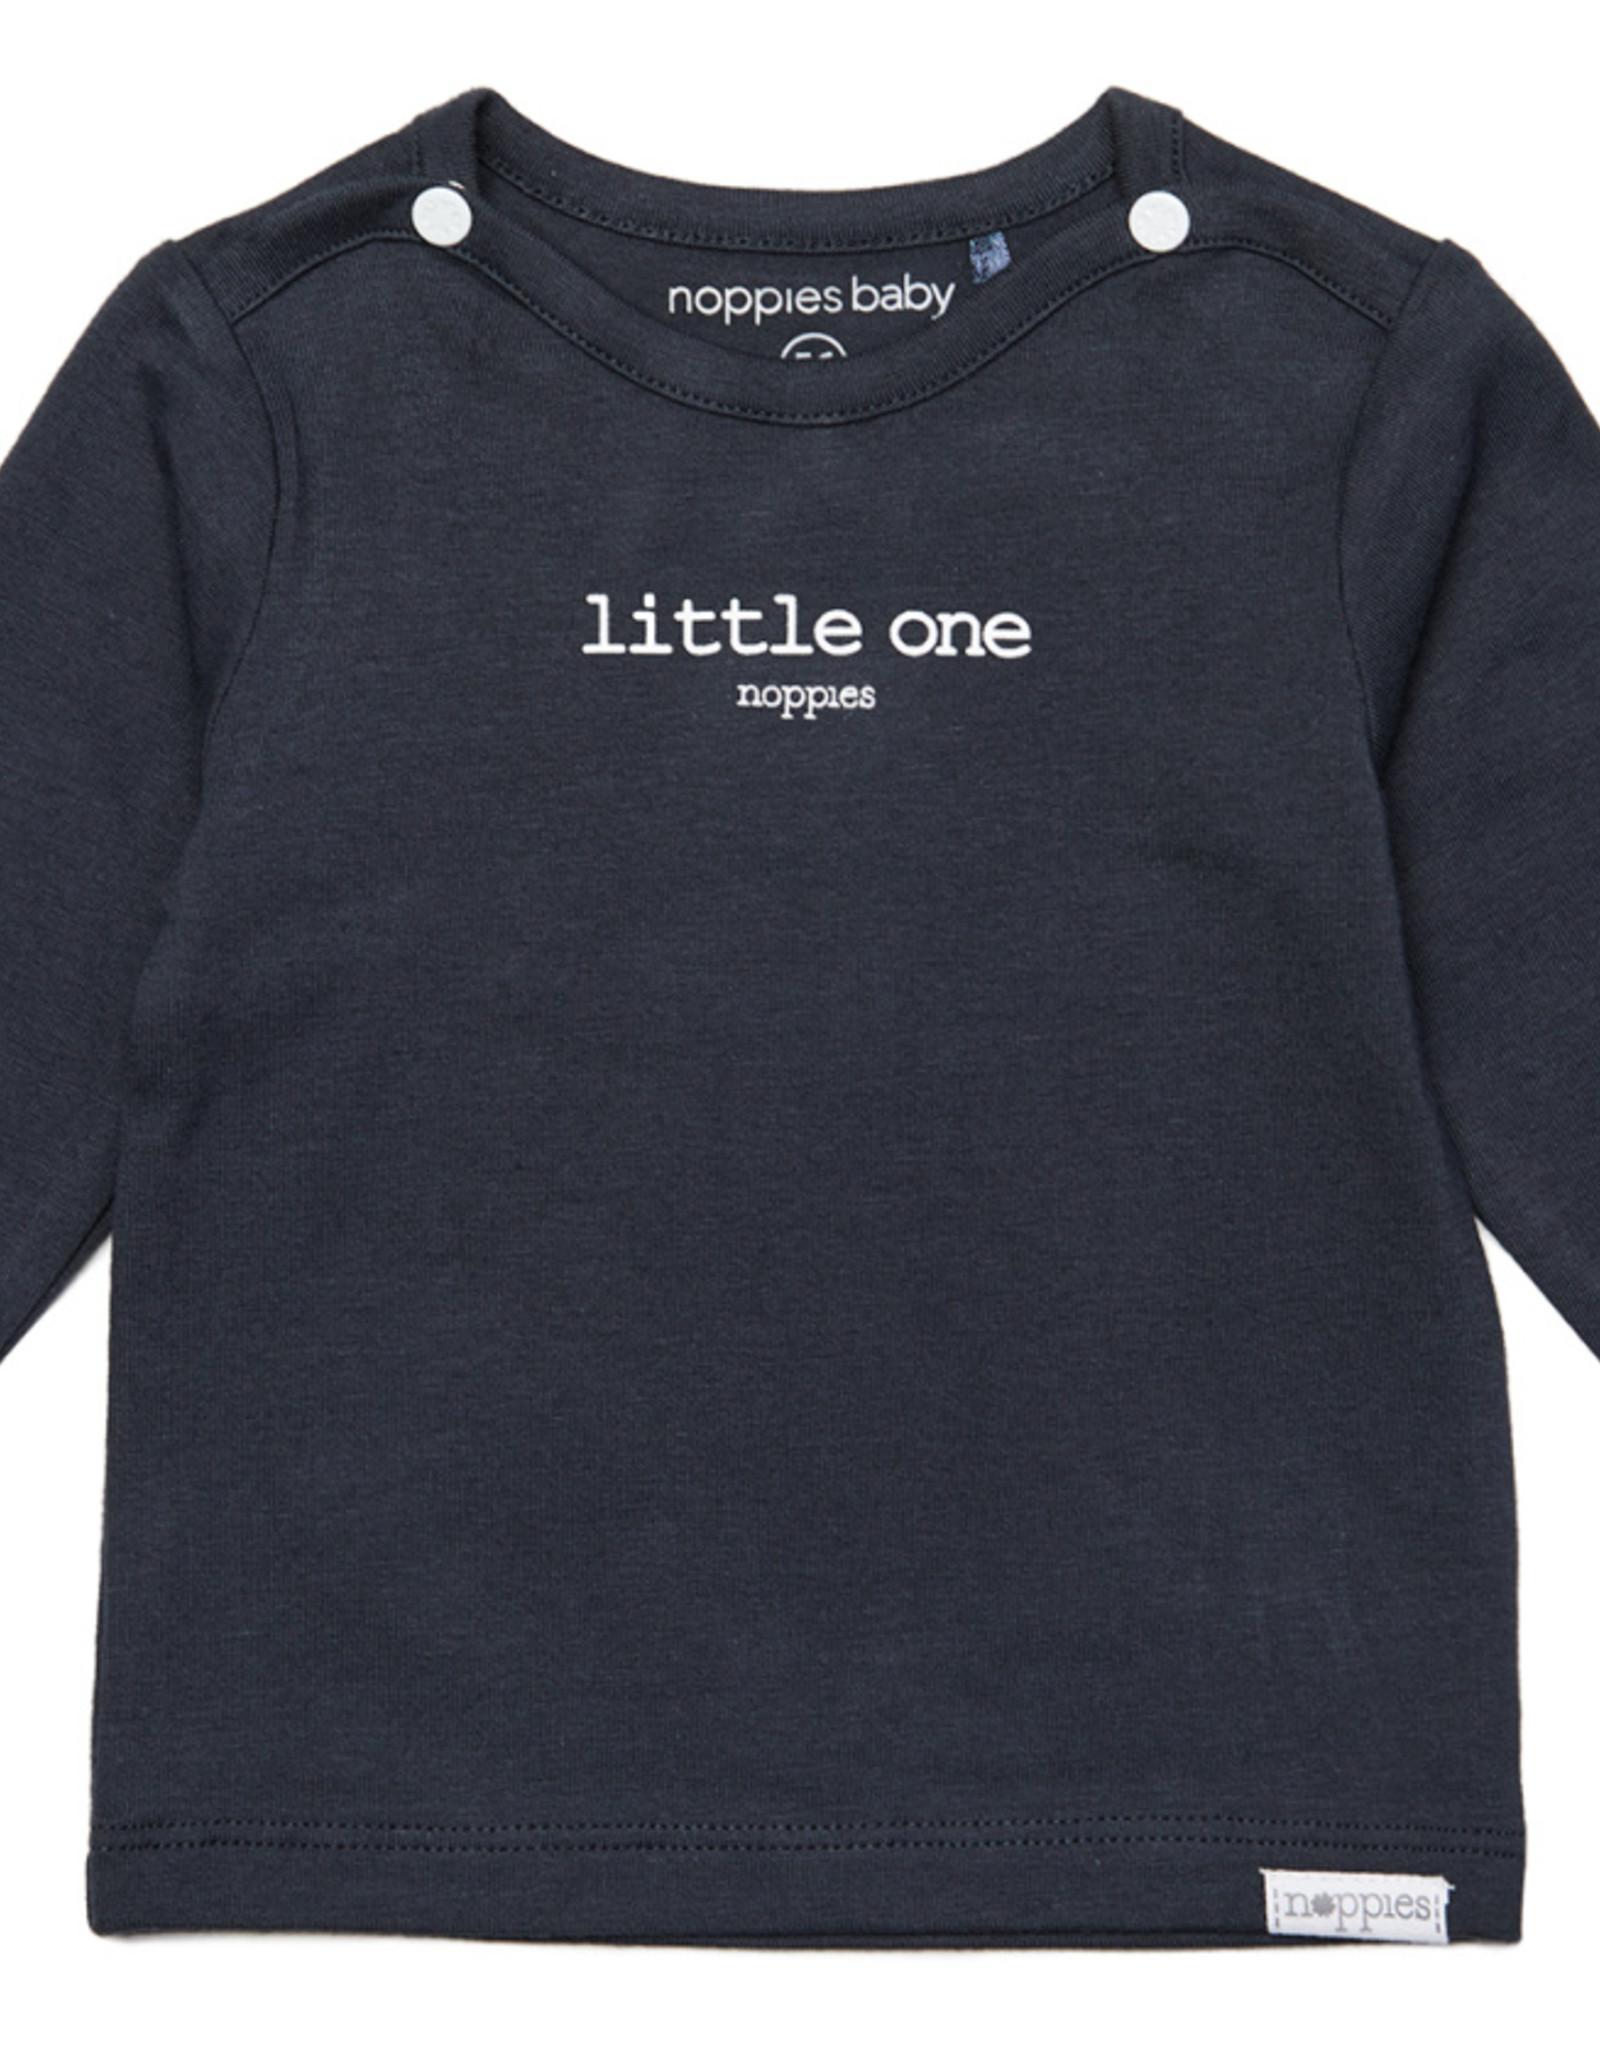 Noppies Noppies Donkergrijs Shirt Met Opdruk 'little one'